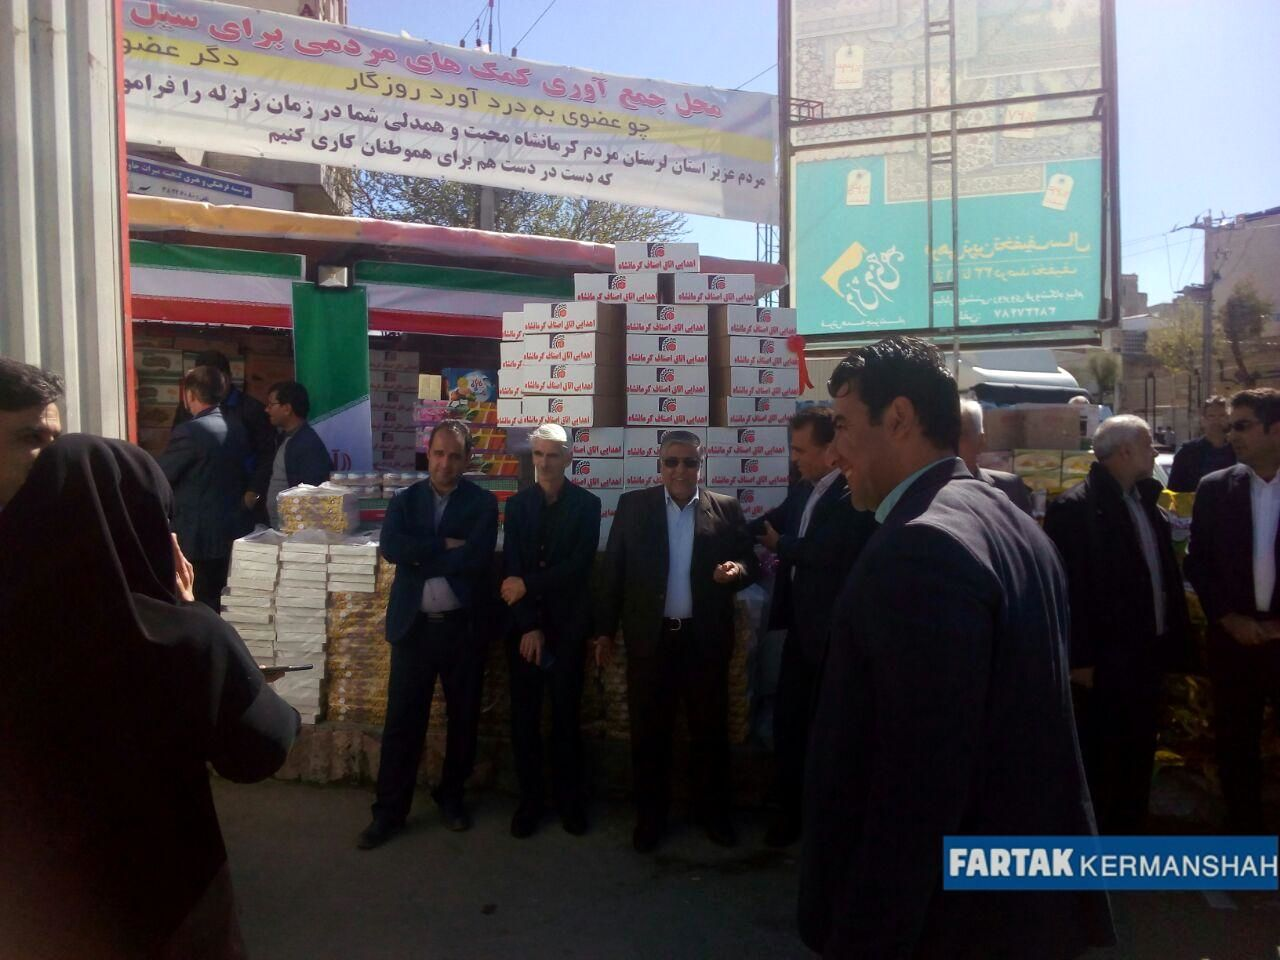 گزارش تصویری از حضور وزیر صمت در محل جمع آوری کمک های مردمی به سیل زدگان